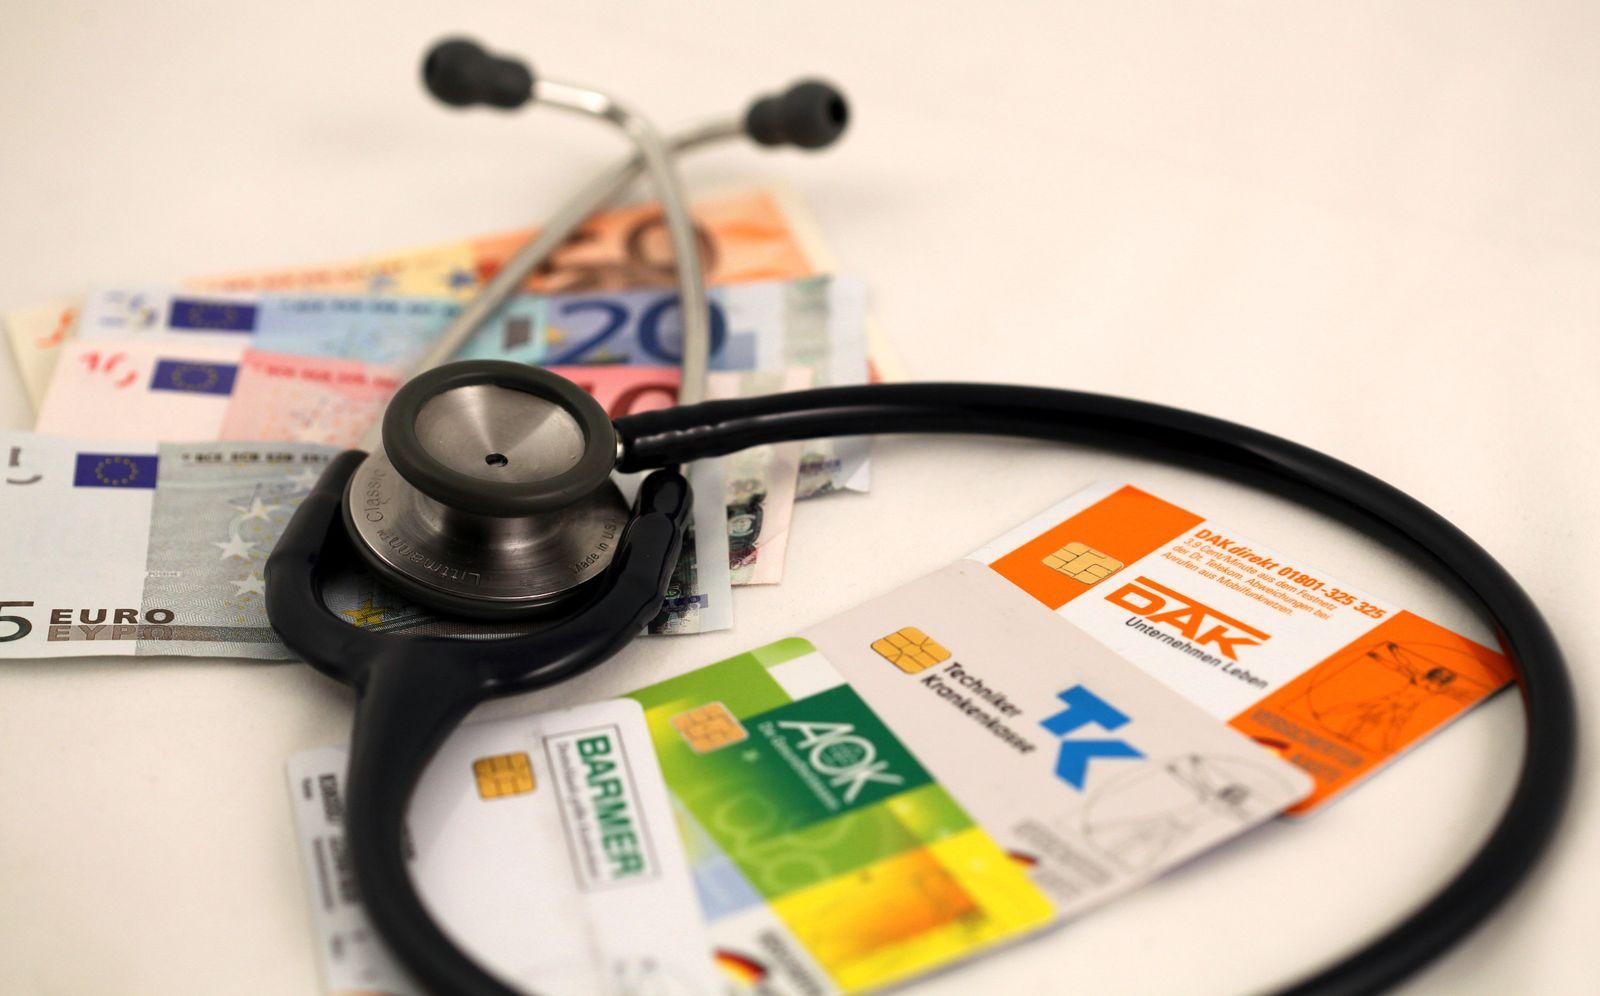 Kassenbeiträge / Sozialversicherungen